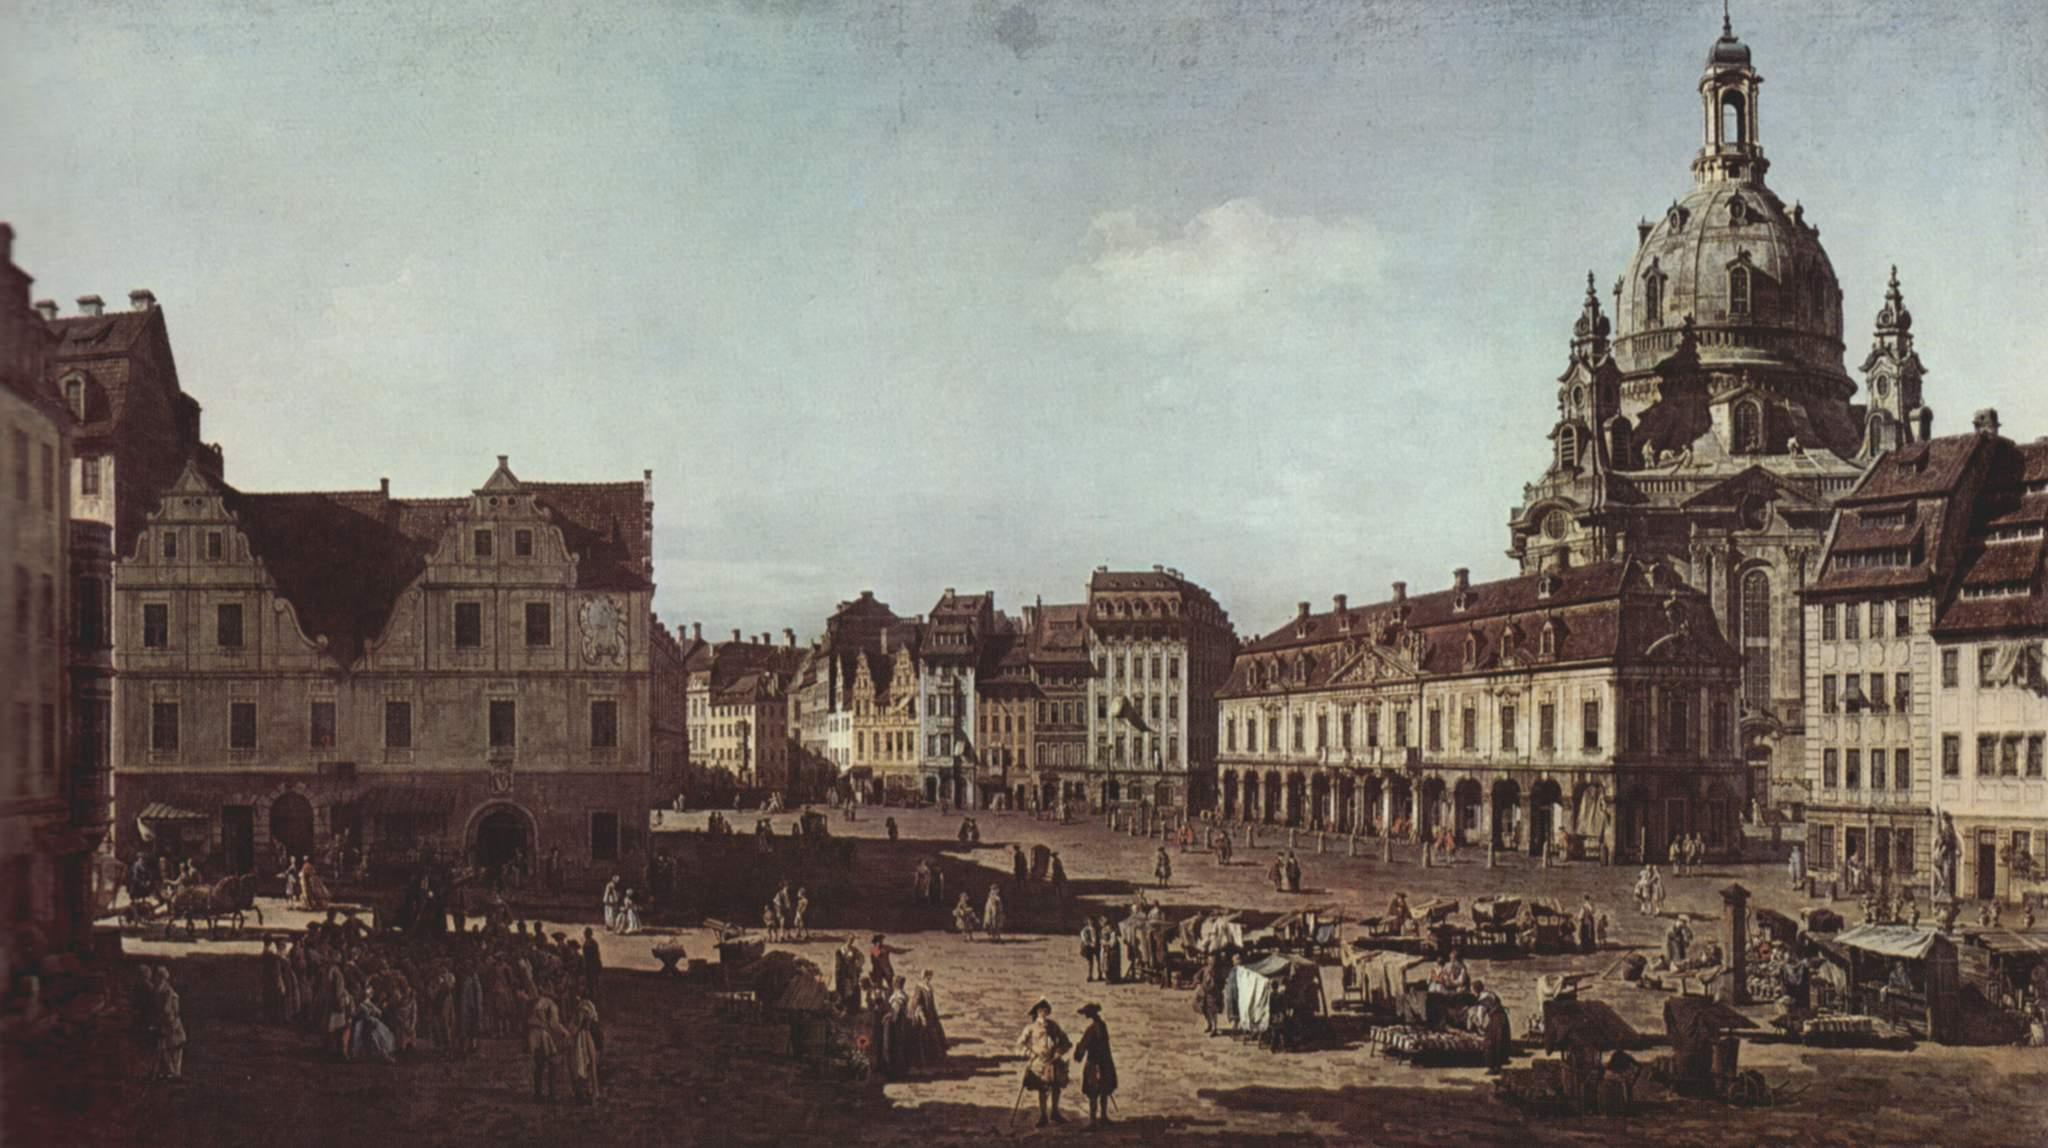 Вид Дрездена, новый рынок со стороны Моритцштрассе, Джованни Антонио Каналетто 1